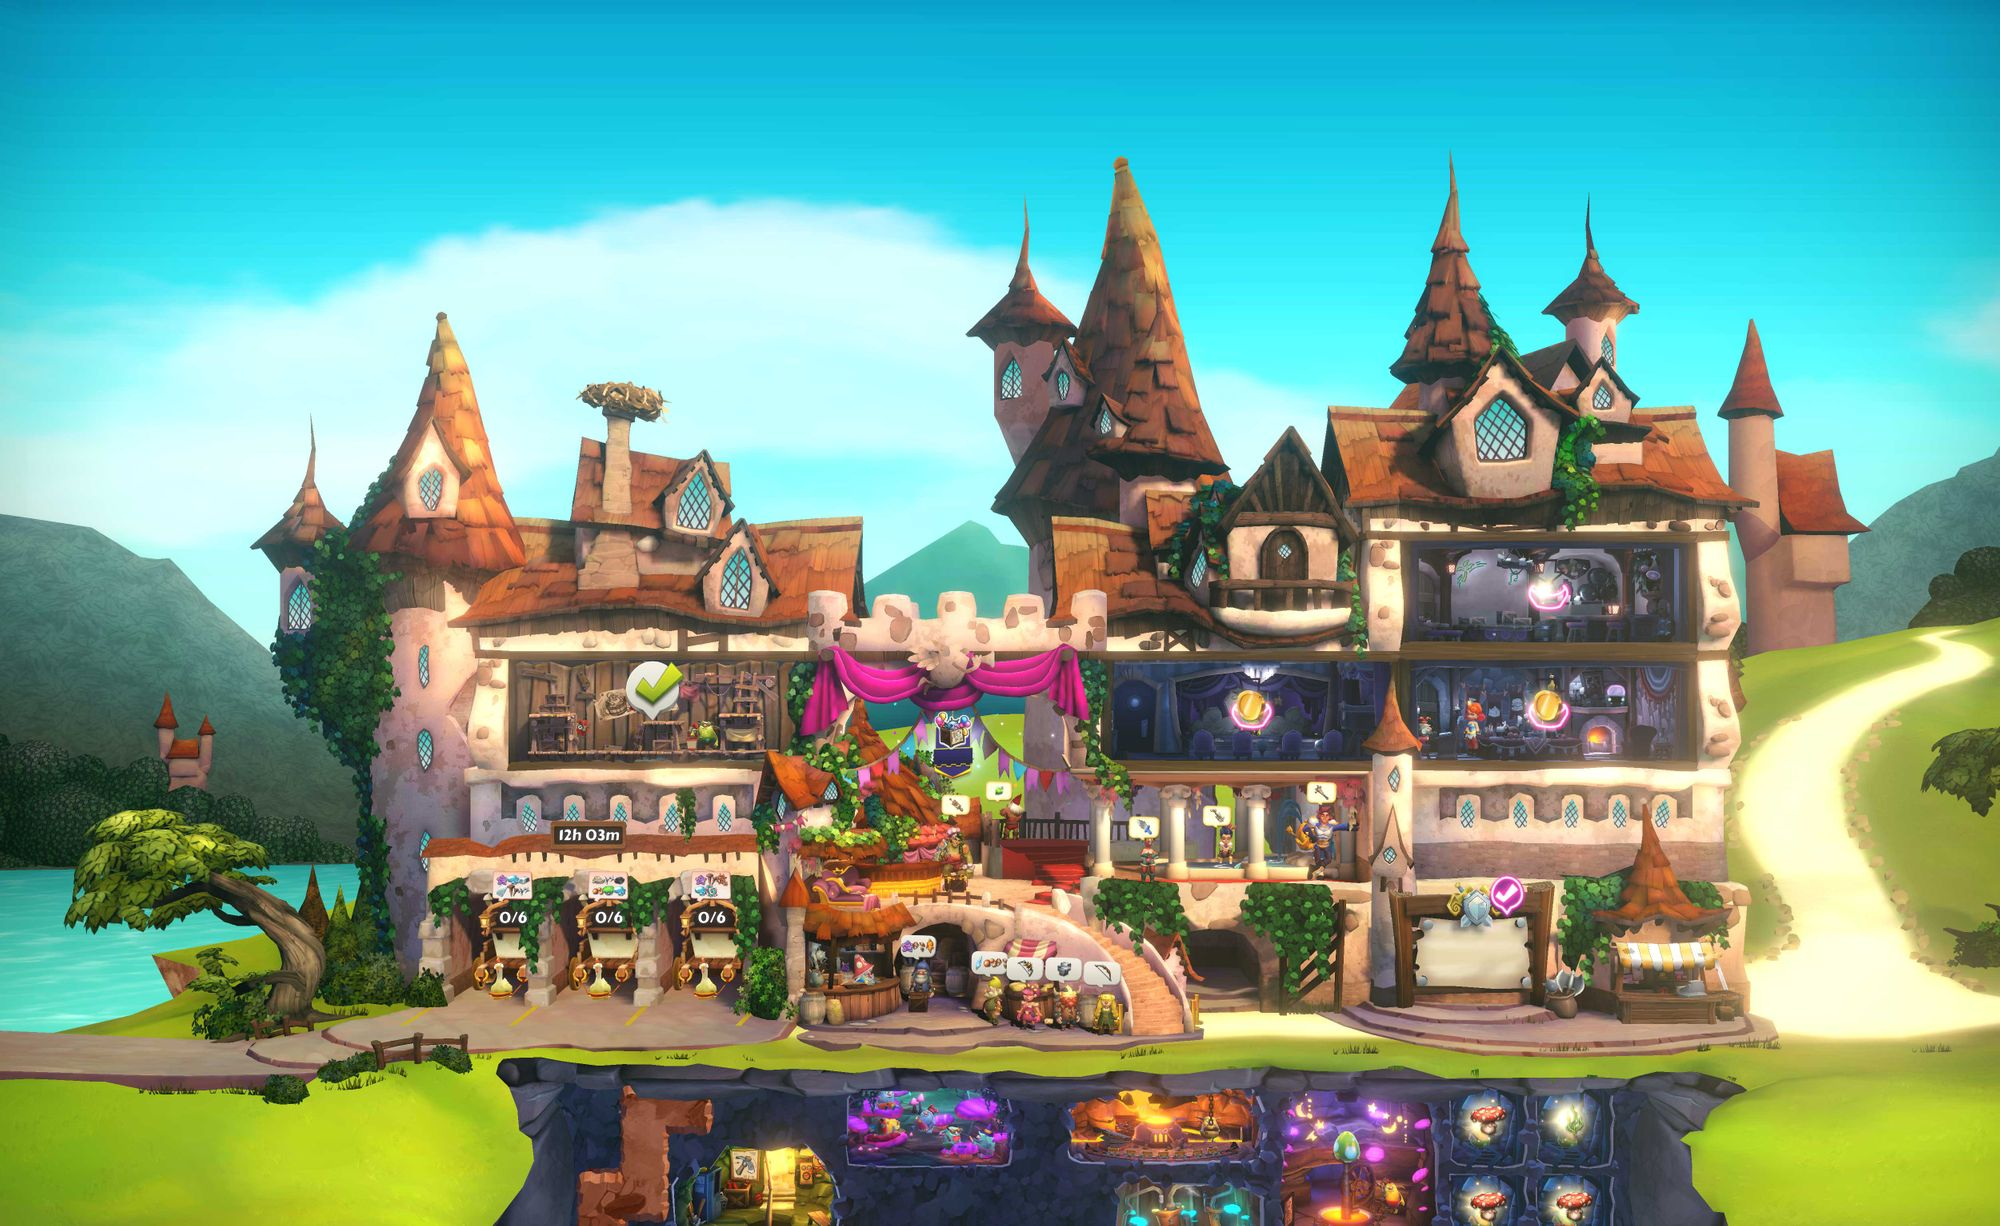 Construa o castelo de fantasia supremo